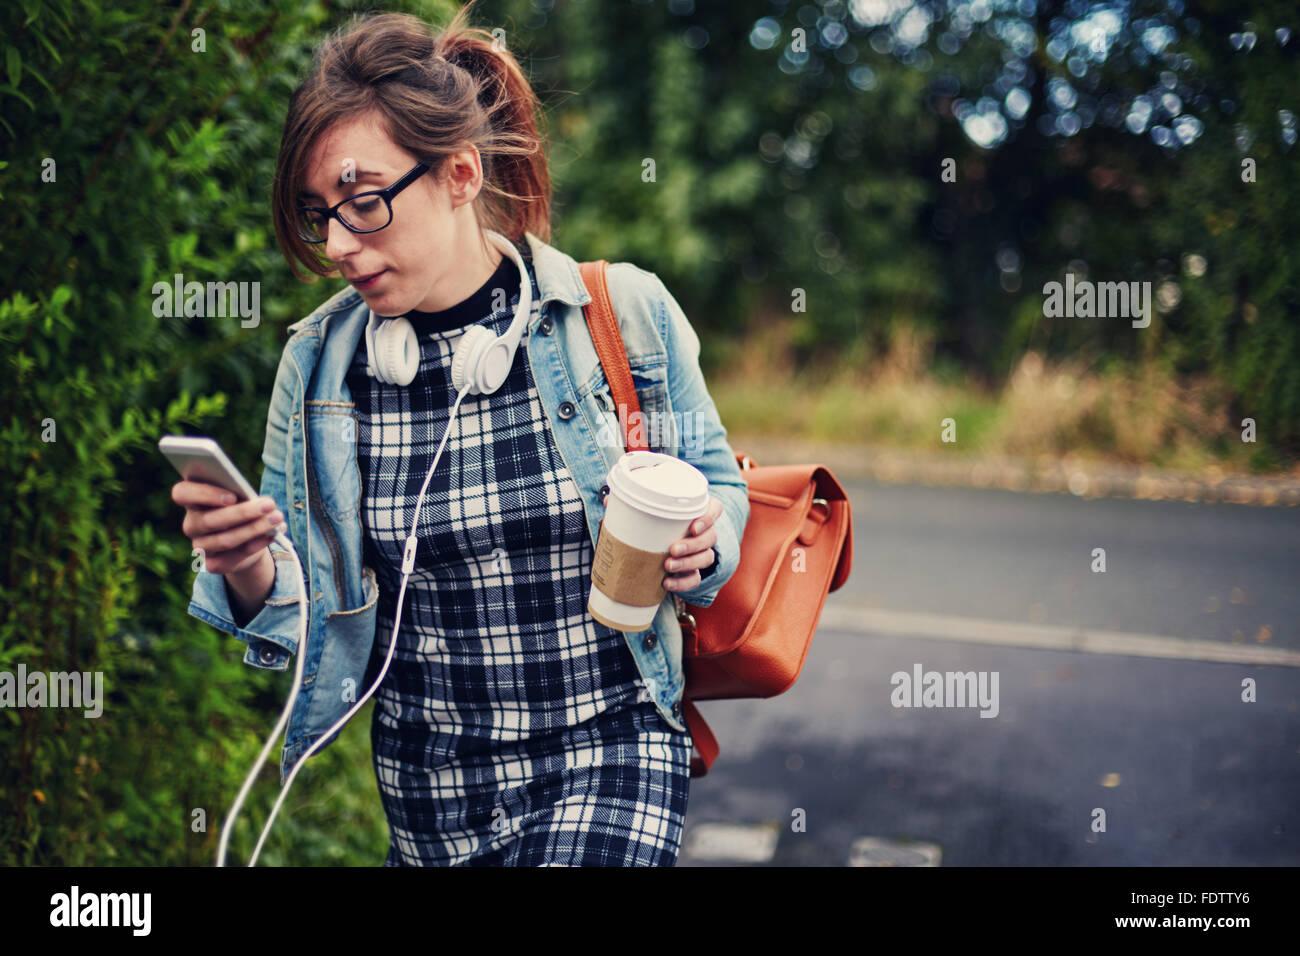 Giovane studentessa camminando lungo utilizzando il suo telefono e tenendo un caffè. Immagini Stock